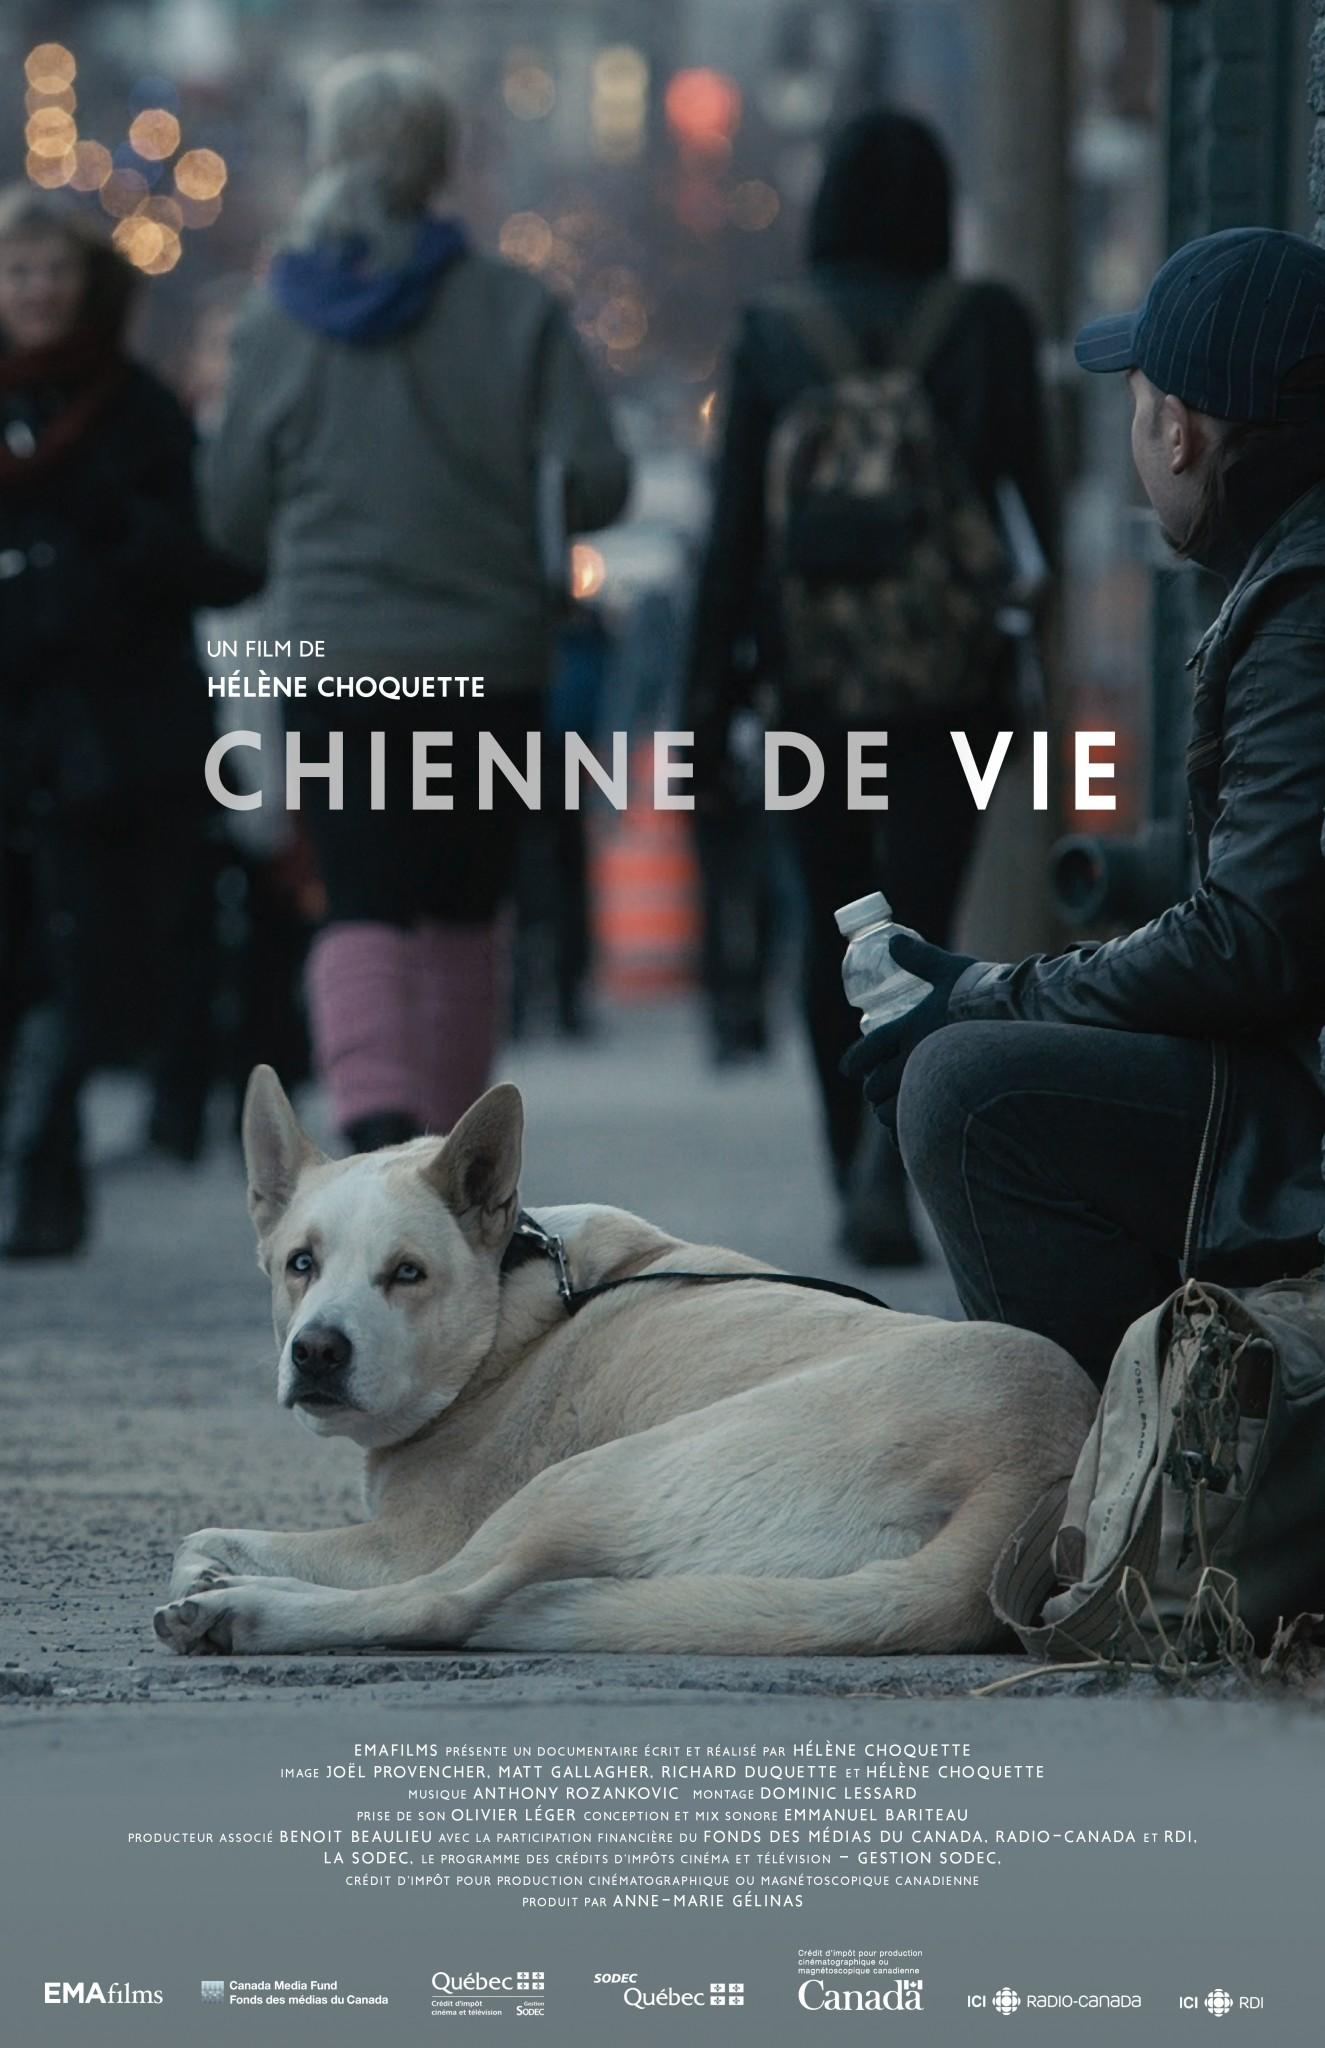 CHIENNE DE VIE, en première mondiale au VIFF et première québécoise au FNC